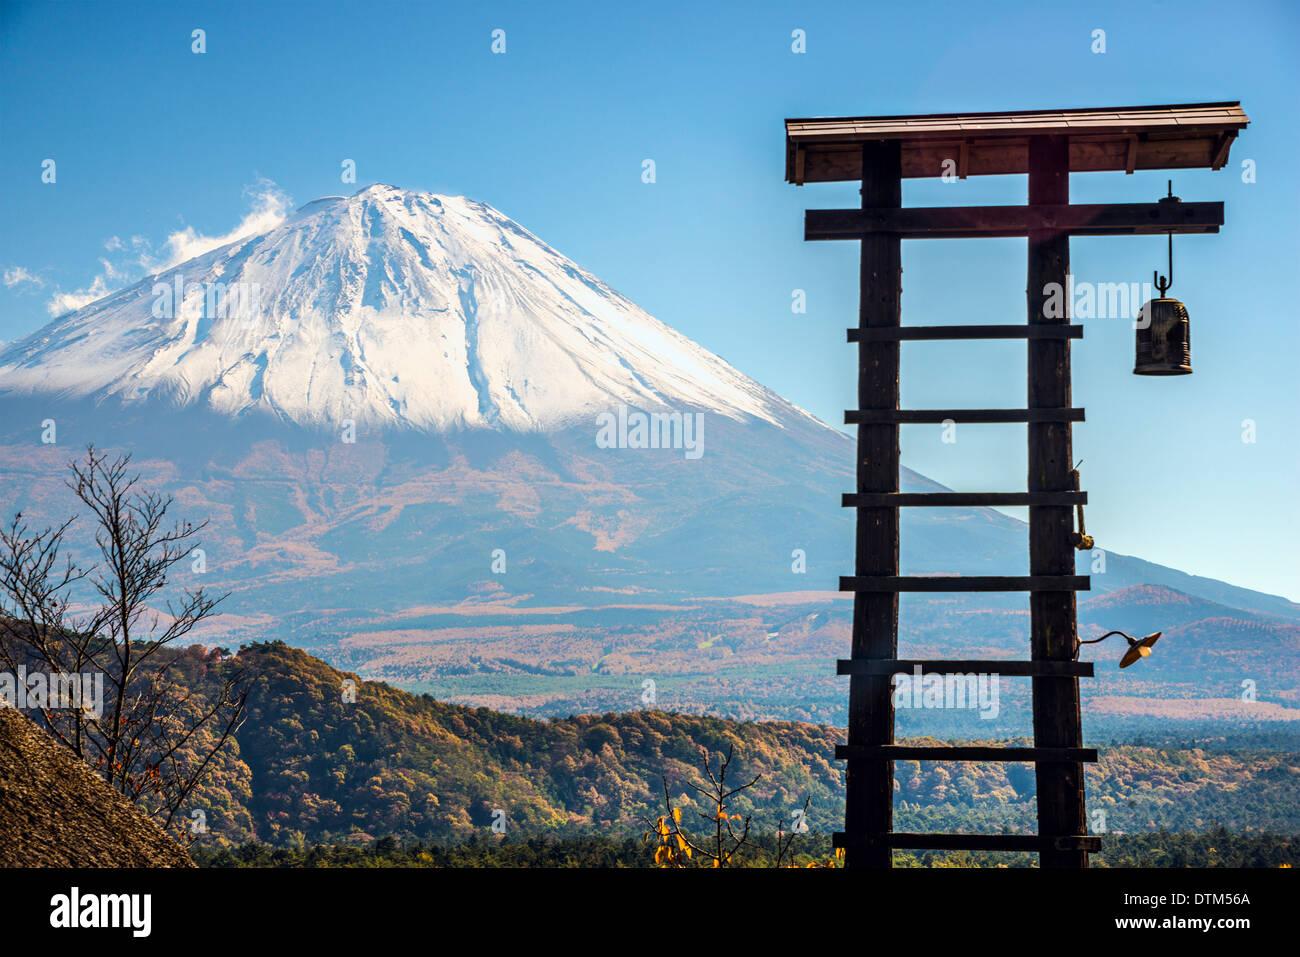 Berg Fuji und eine alte Dorf Bell tower in Japan. Stockbild